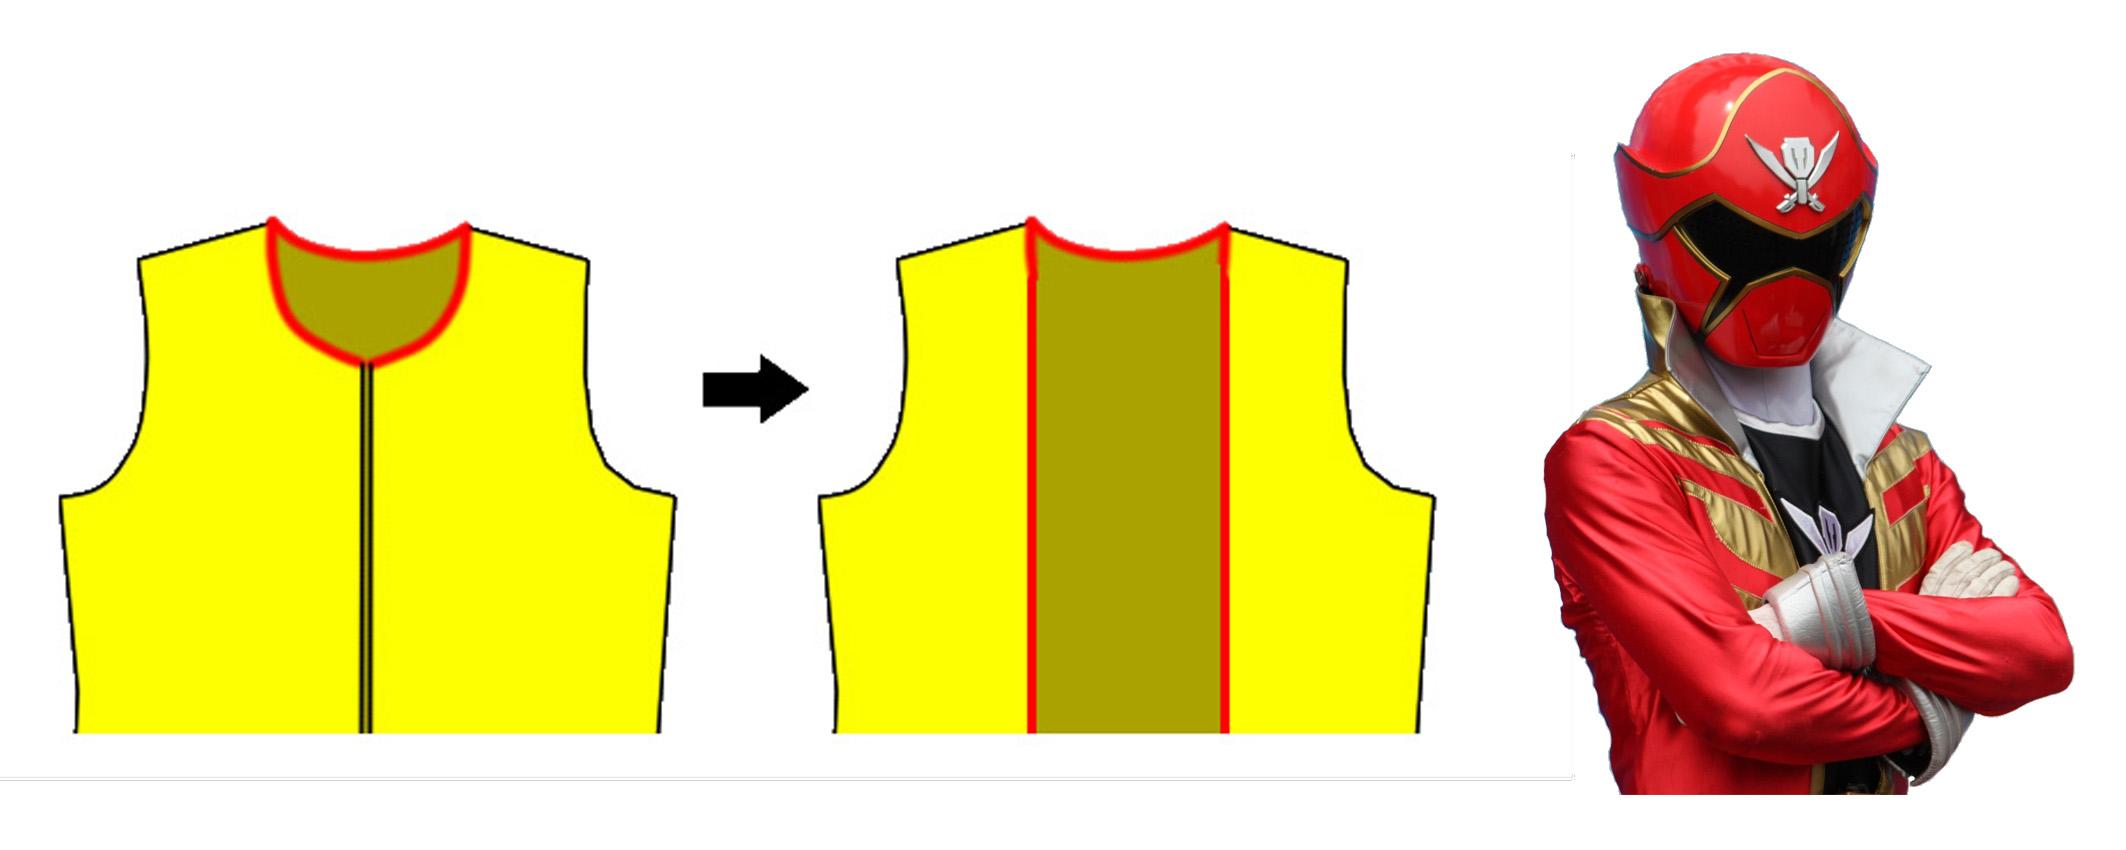 ロングコートの型紙の改造について